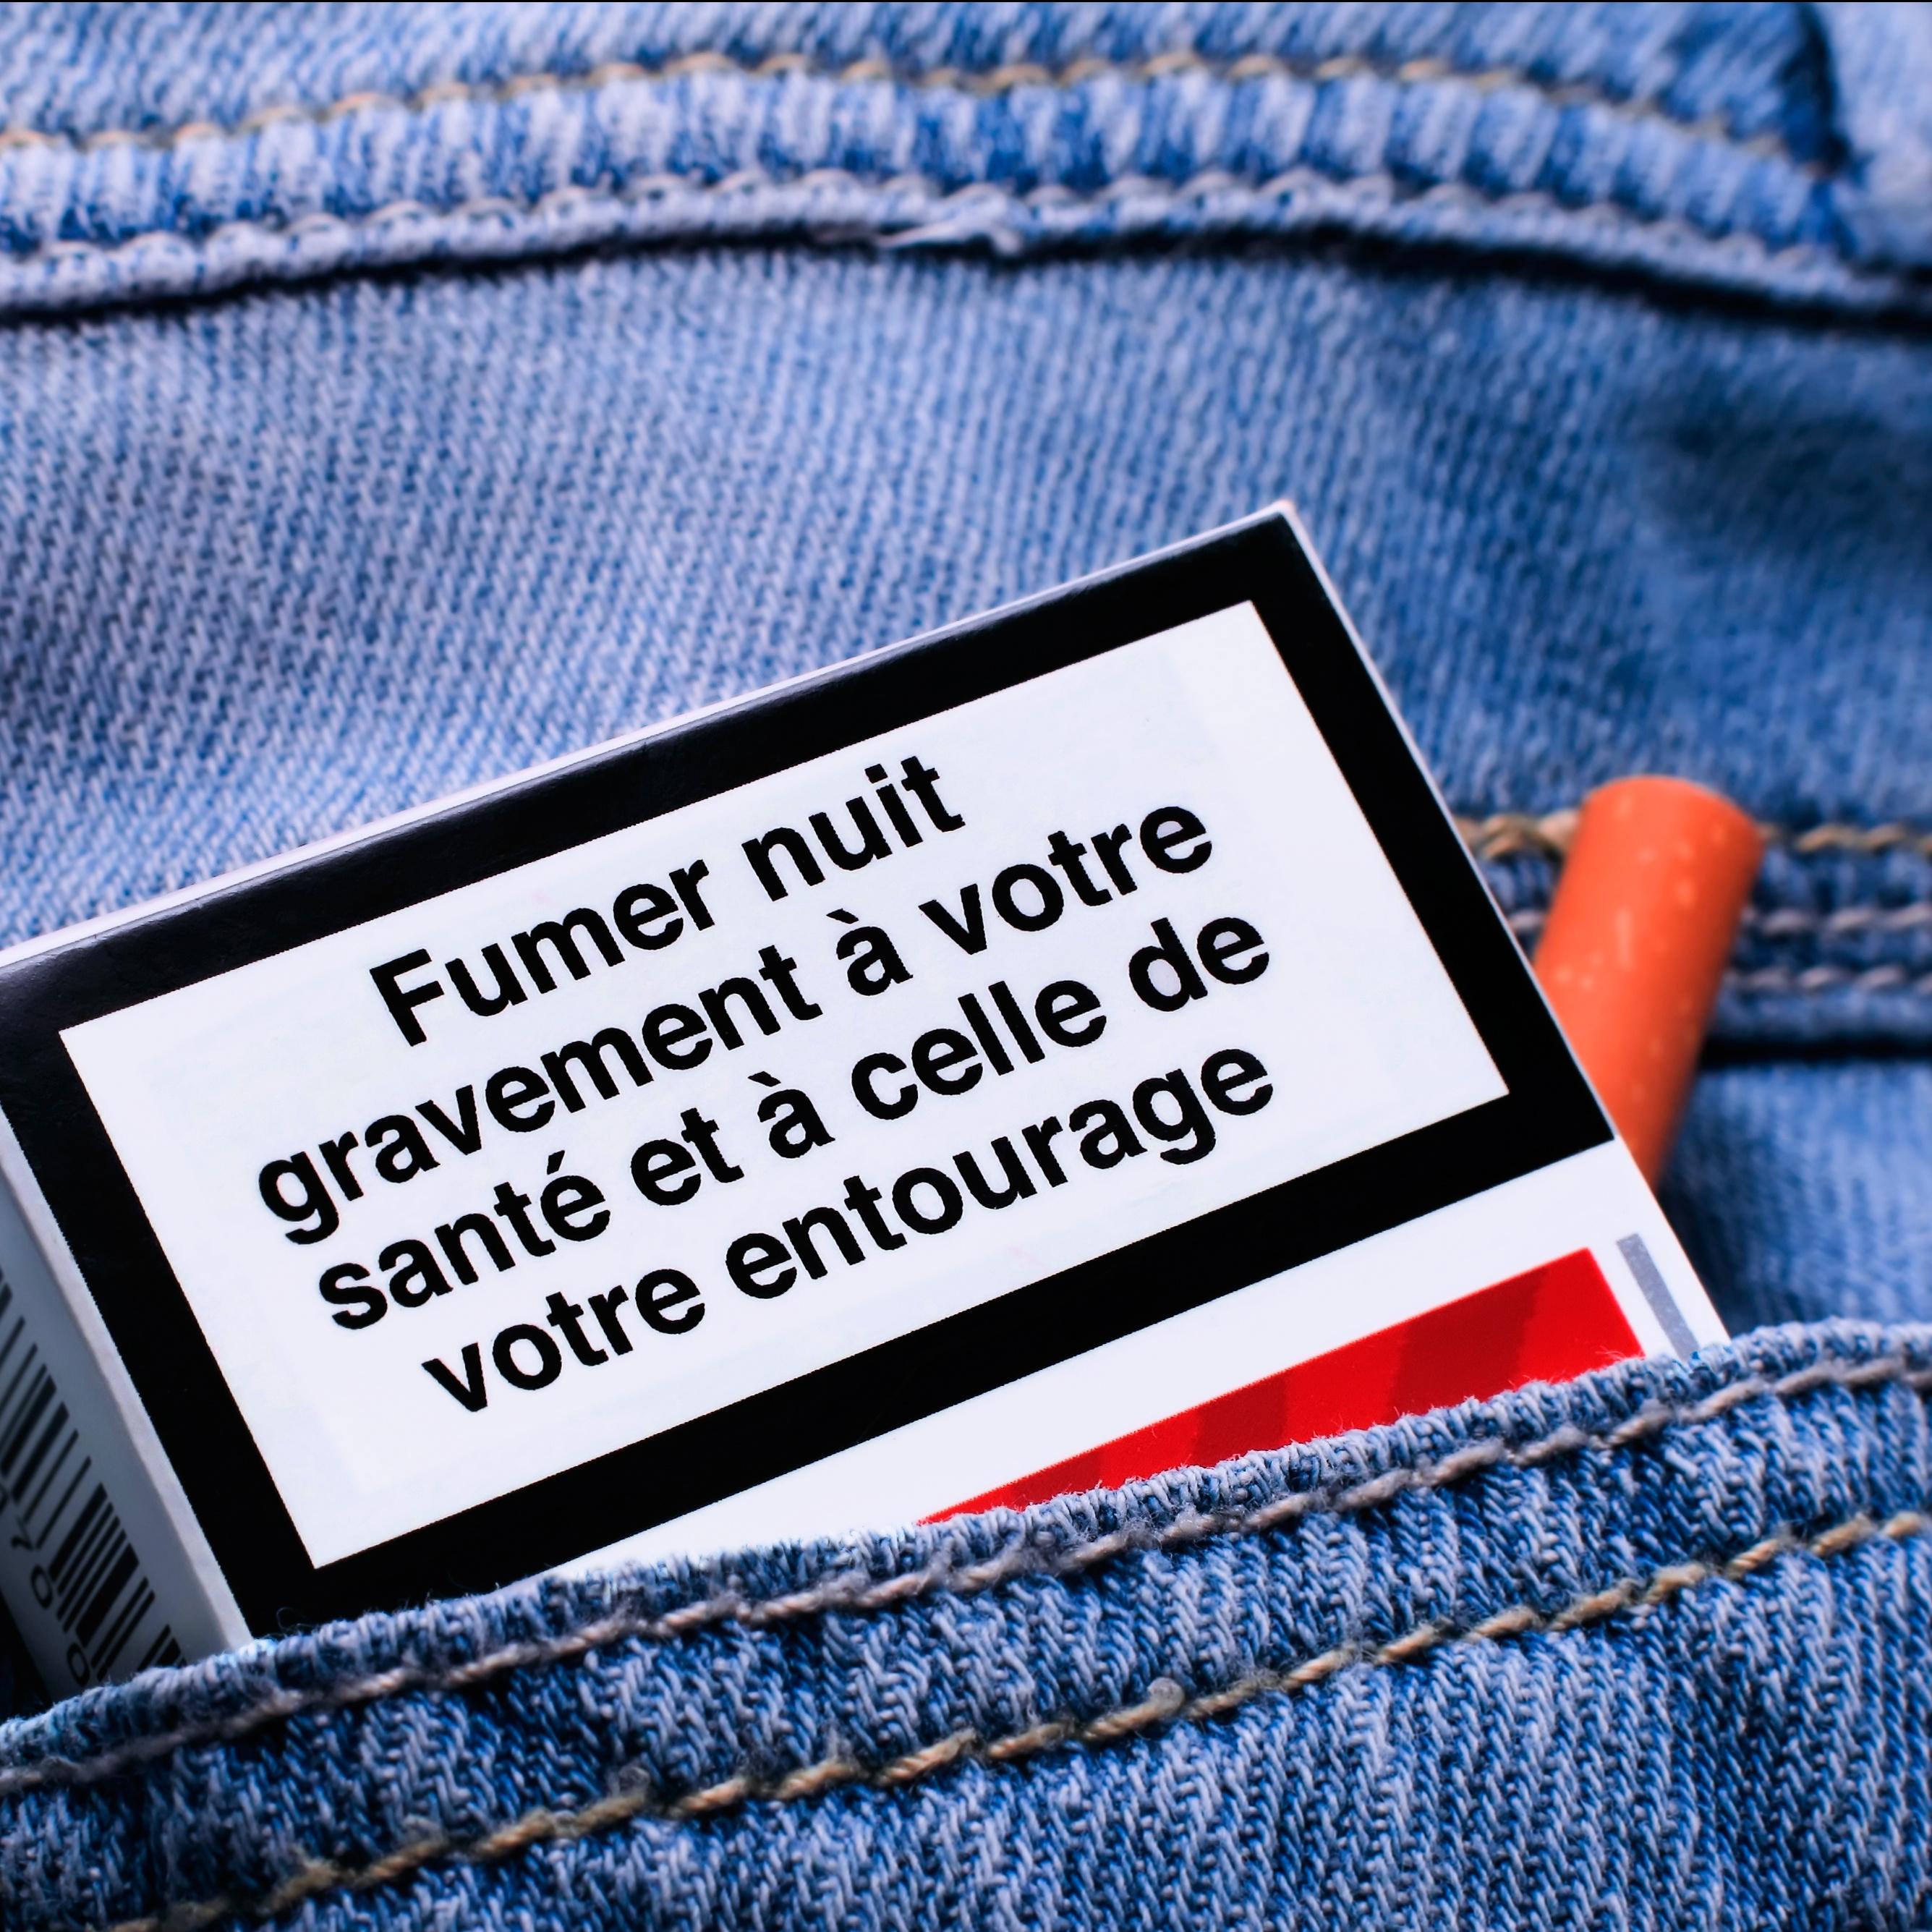 Ces résidus du tabac peuvent resurgir dans l'atmosphère et peuvent être inhalés par des non-fumeurs.